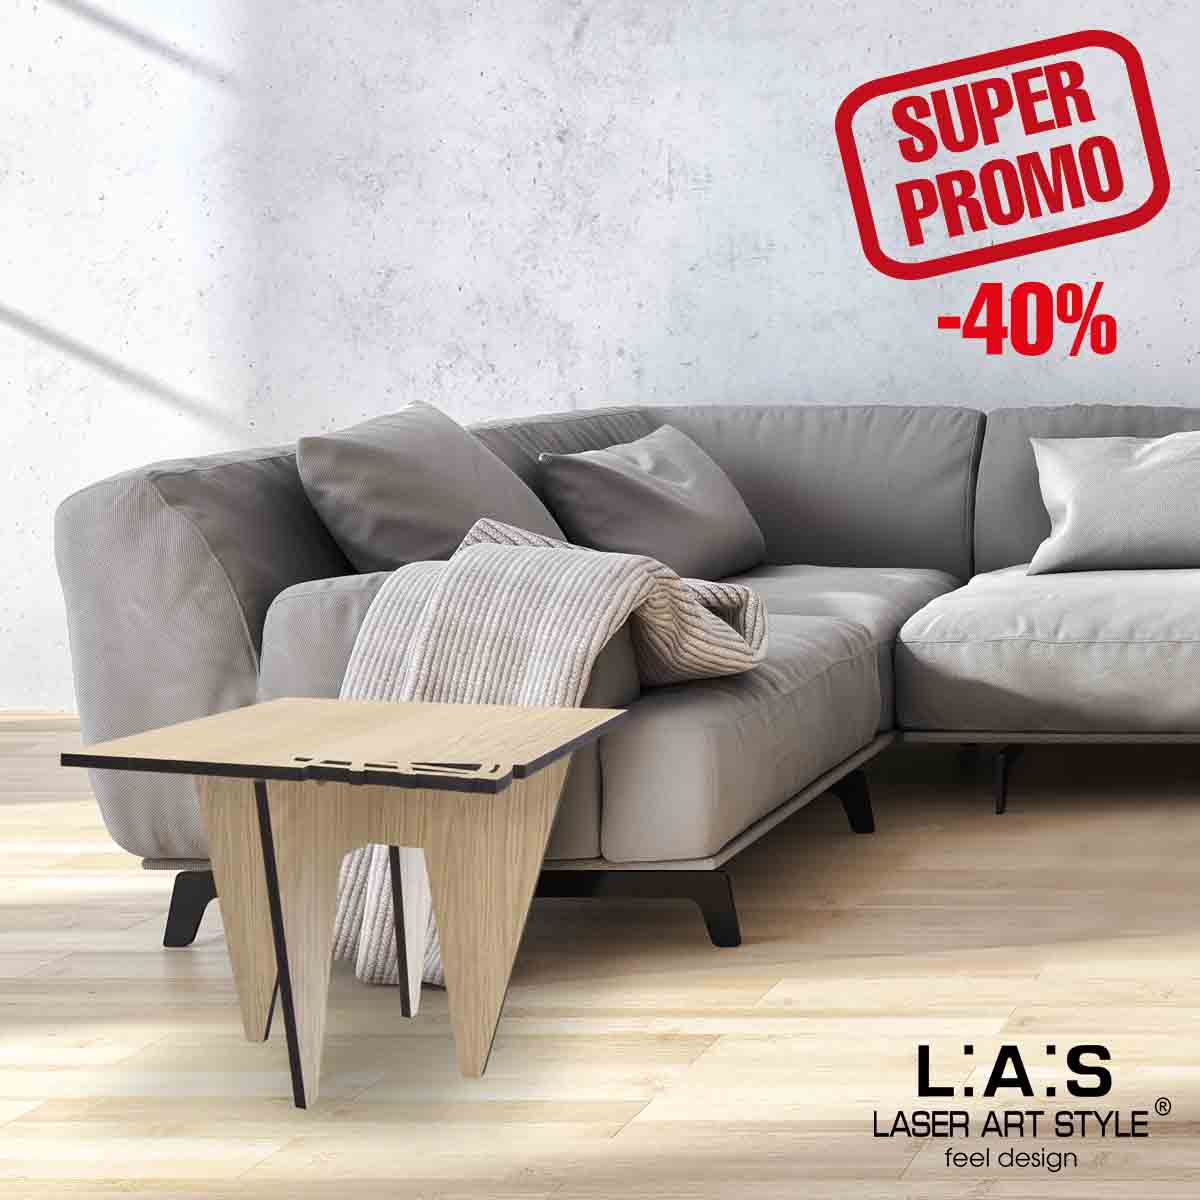 L:A:S - Laser Art Style - TAVOLO DESIGN LEGNO NATURALE – W-400